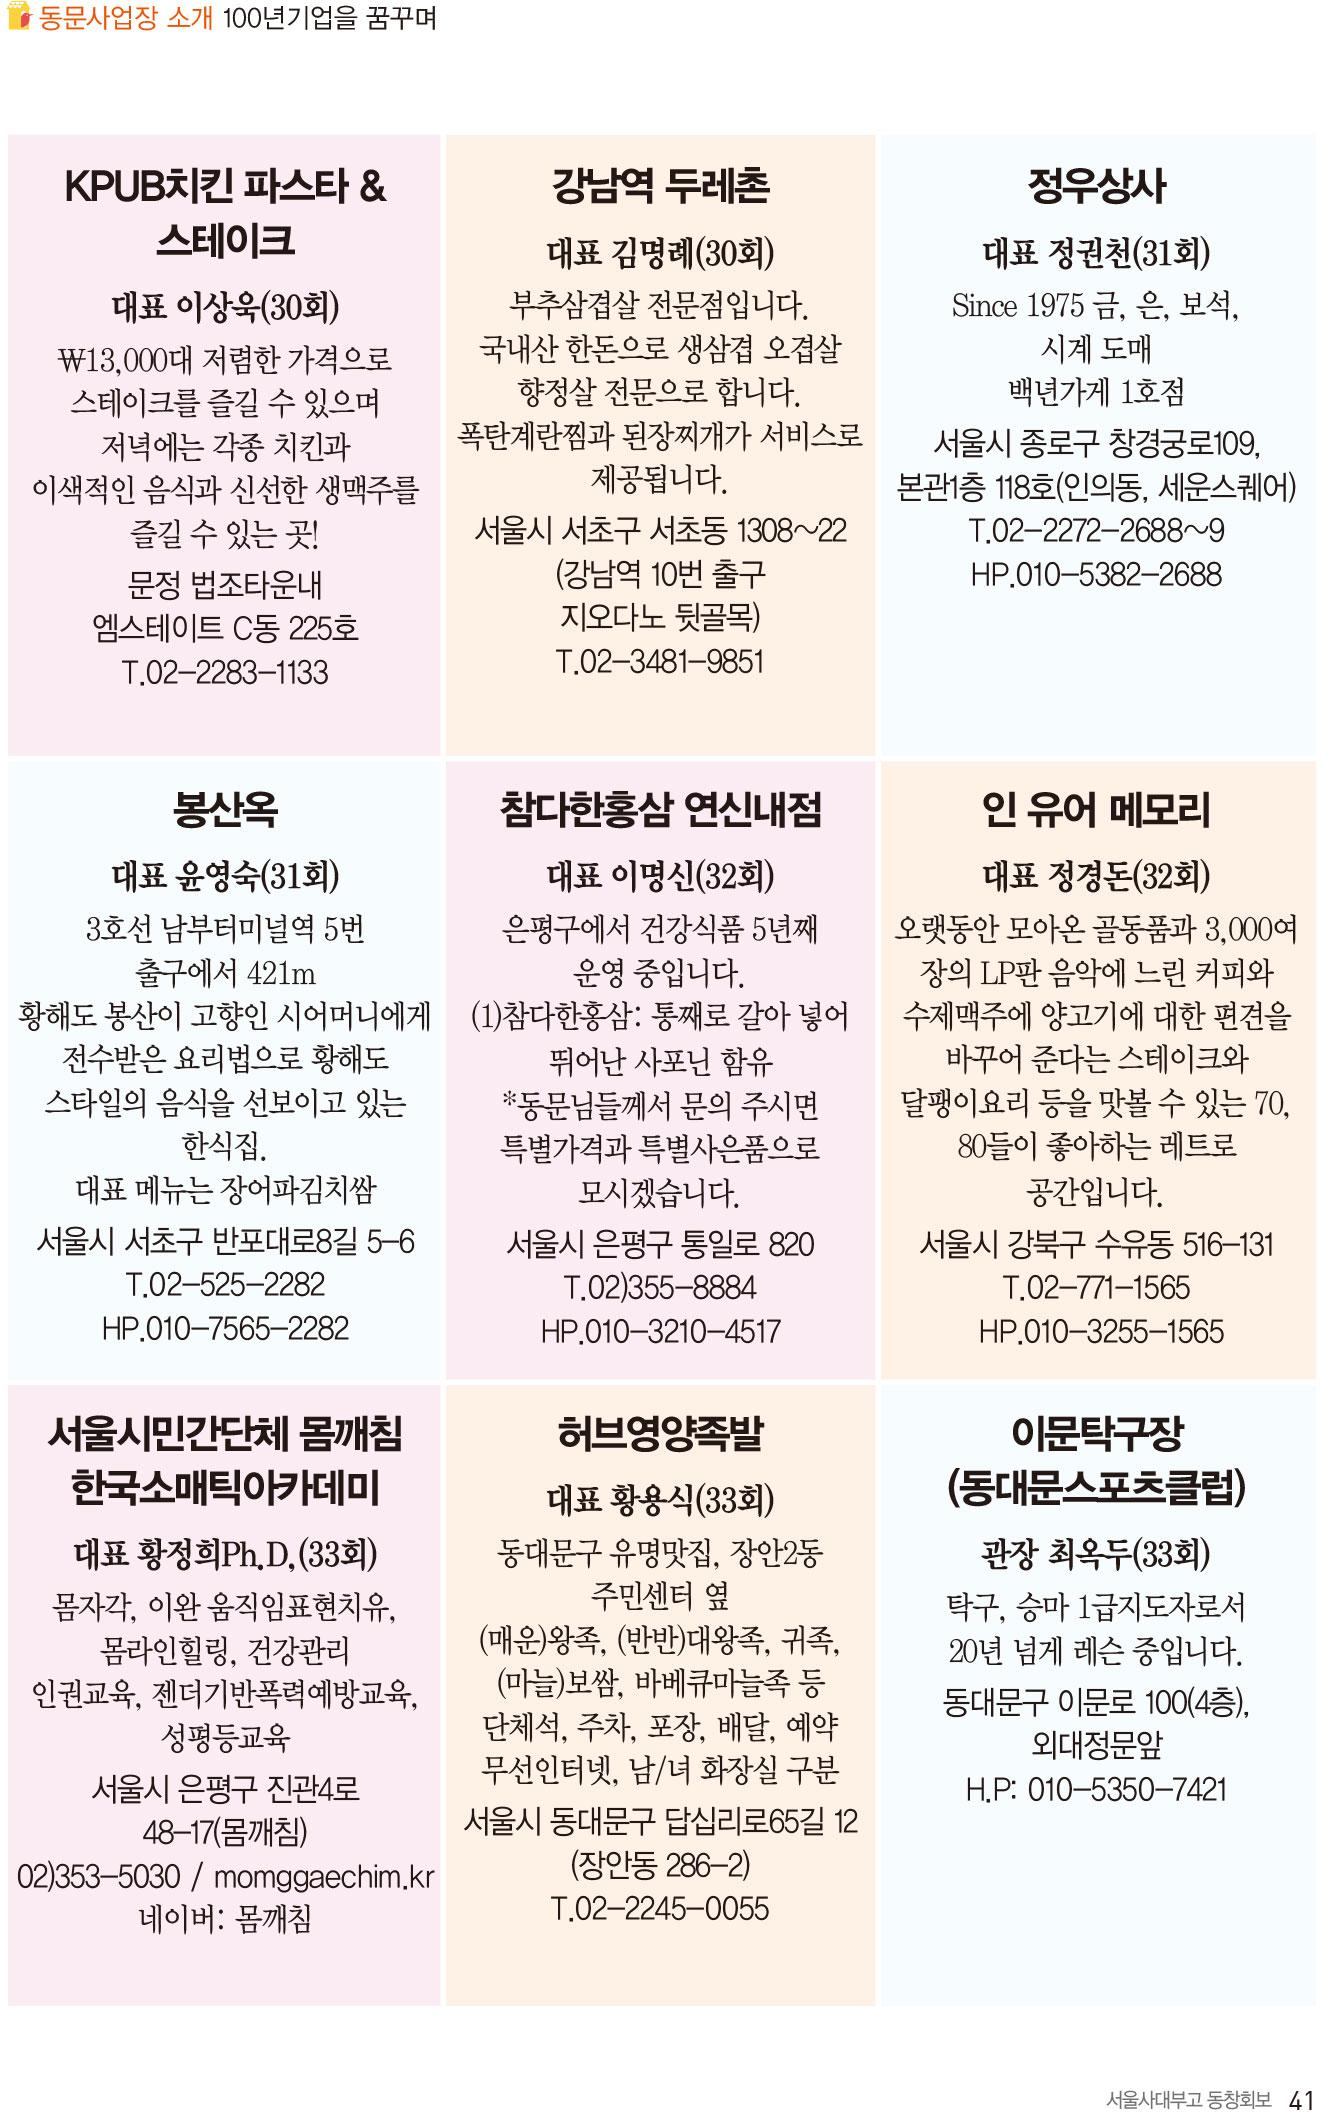 서울사대부고-115호-홈페이지-41.jpg